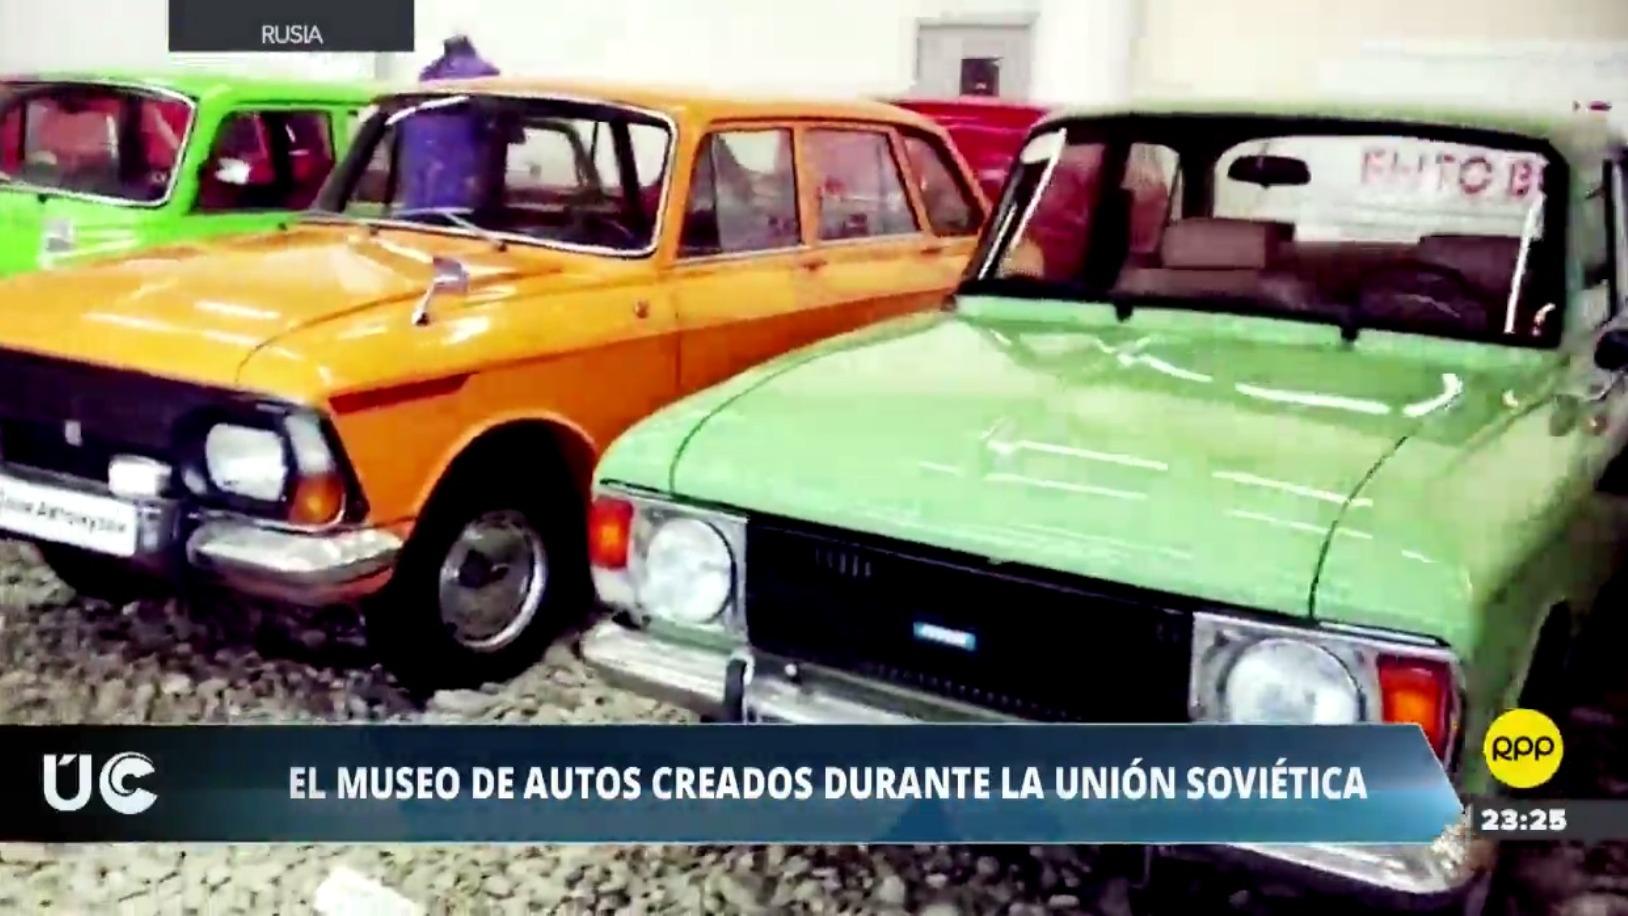 El museo ruso de autos fabricados durante la Unión Soviética.